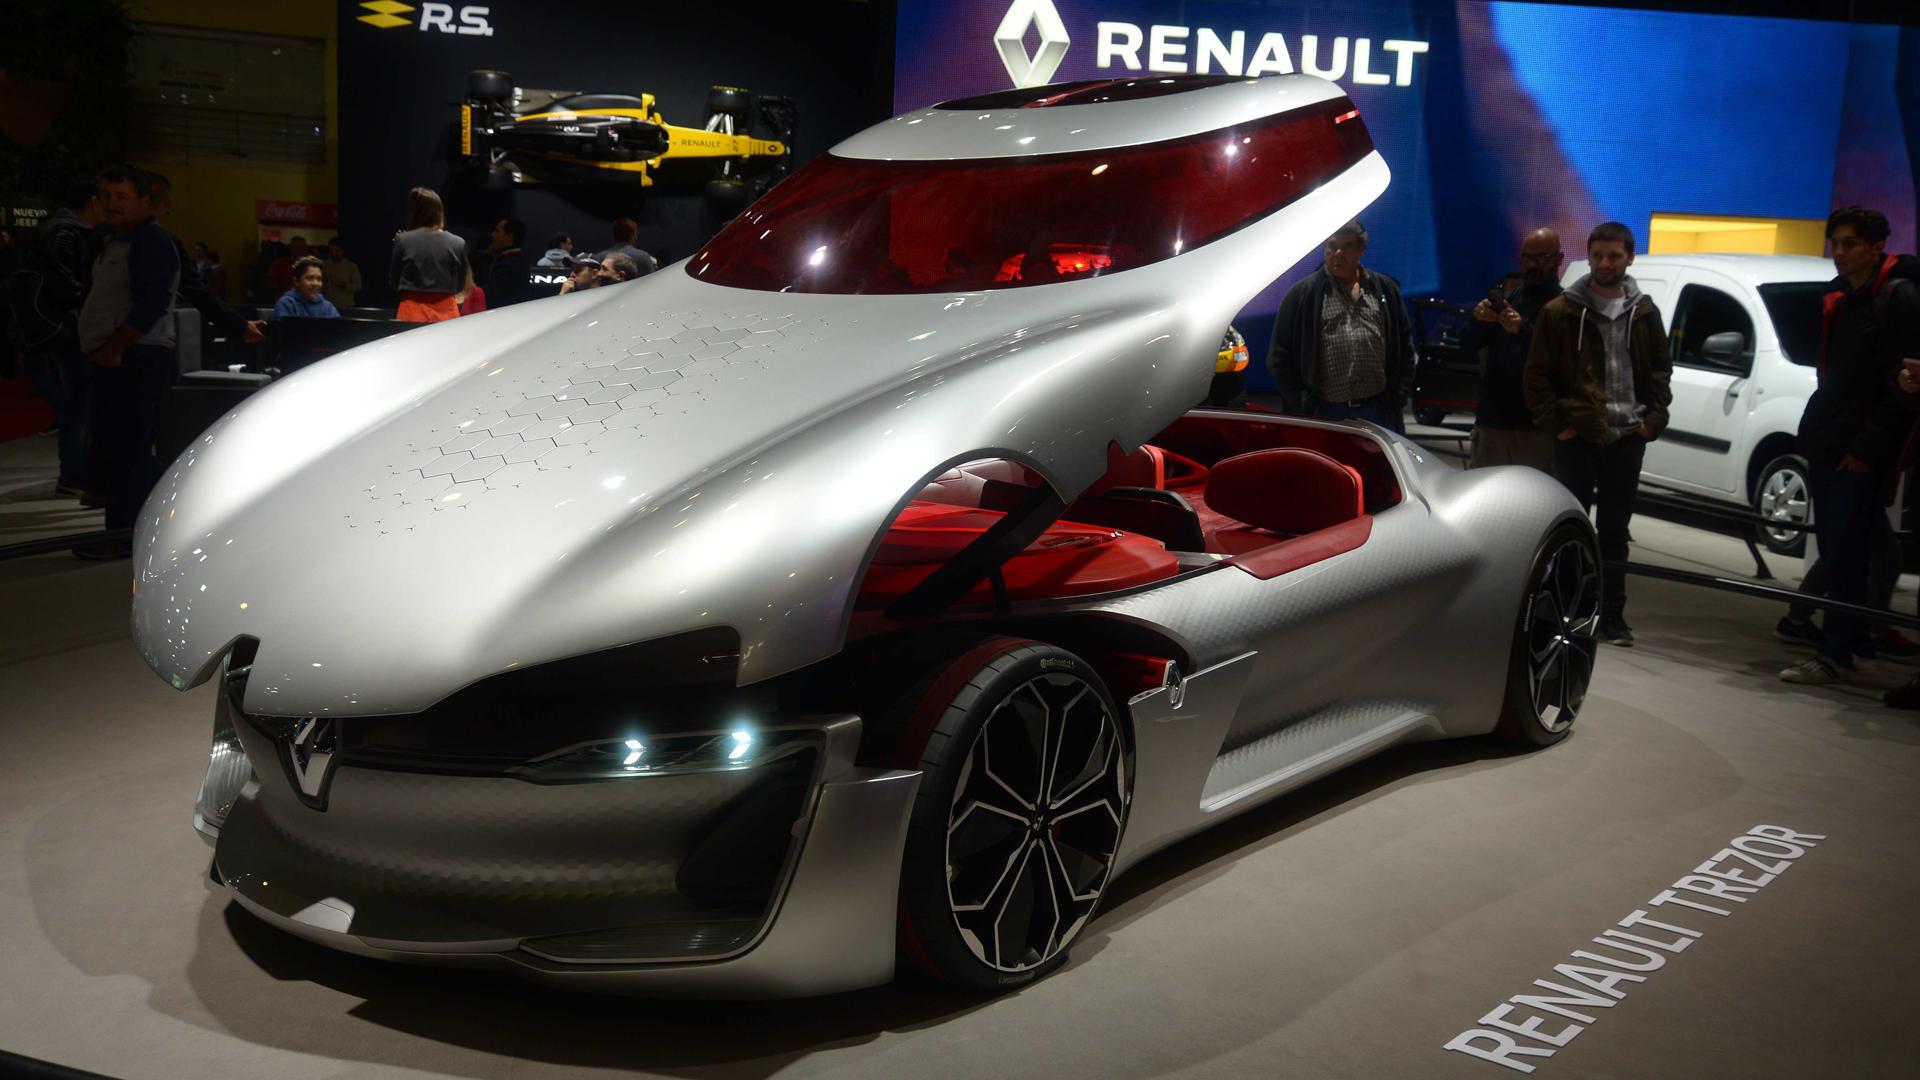 Al concept car de Renault se ingresa por el techo: su motor es 100% eléctrico (Enrique Abatte)